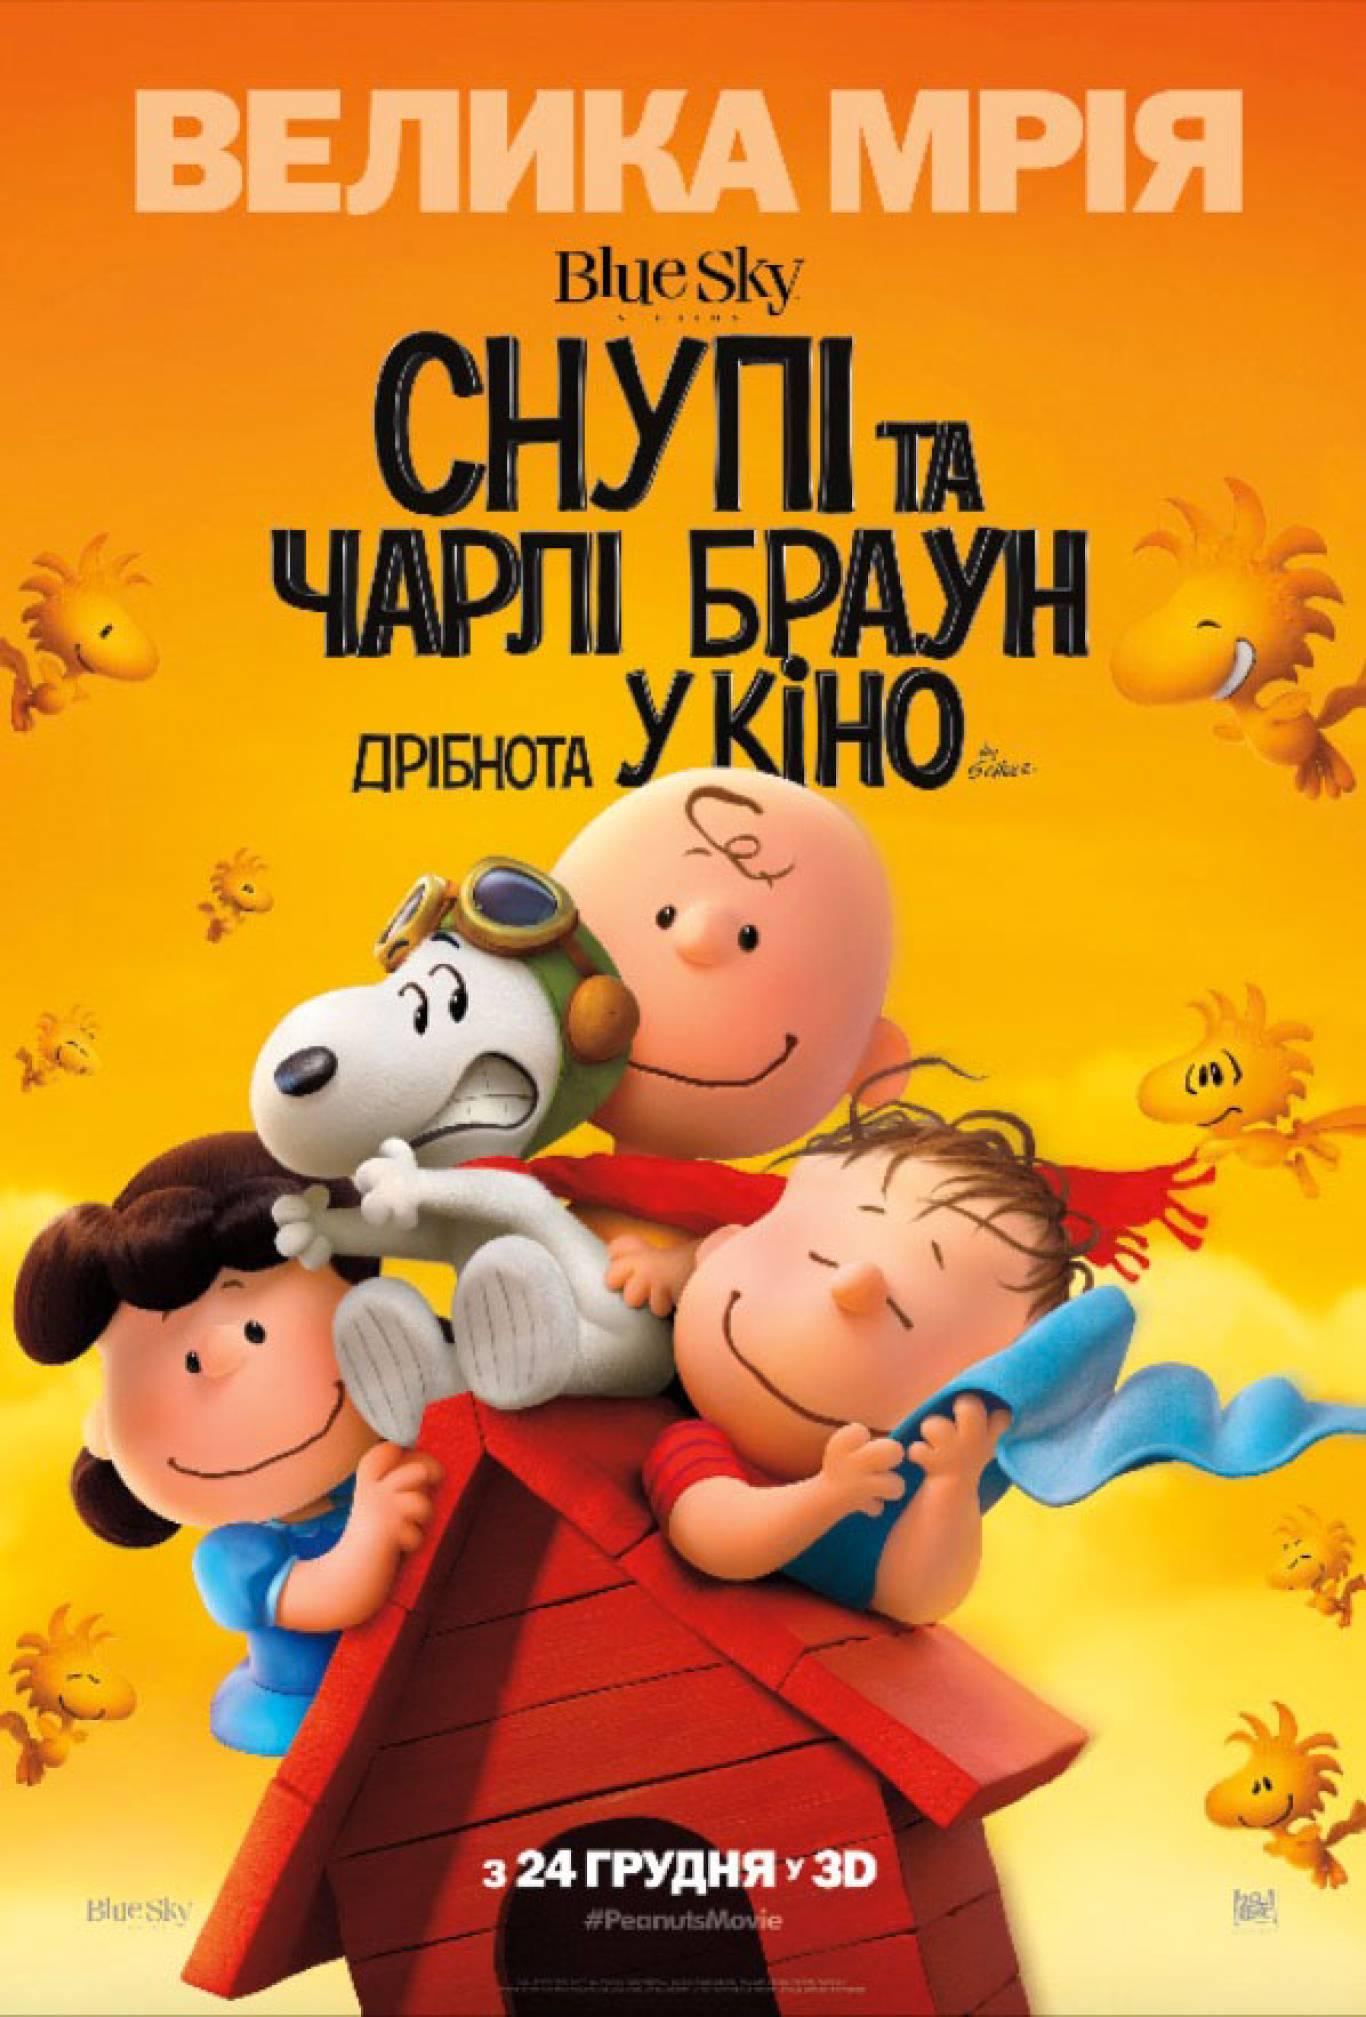 """Анімаційна комедія """"Снупі та Чарлі Браун: Дрібнота у кіно 3D"""""""